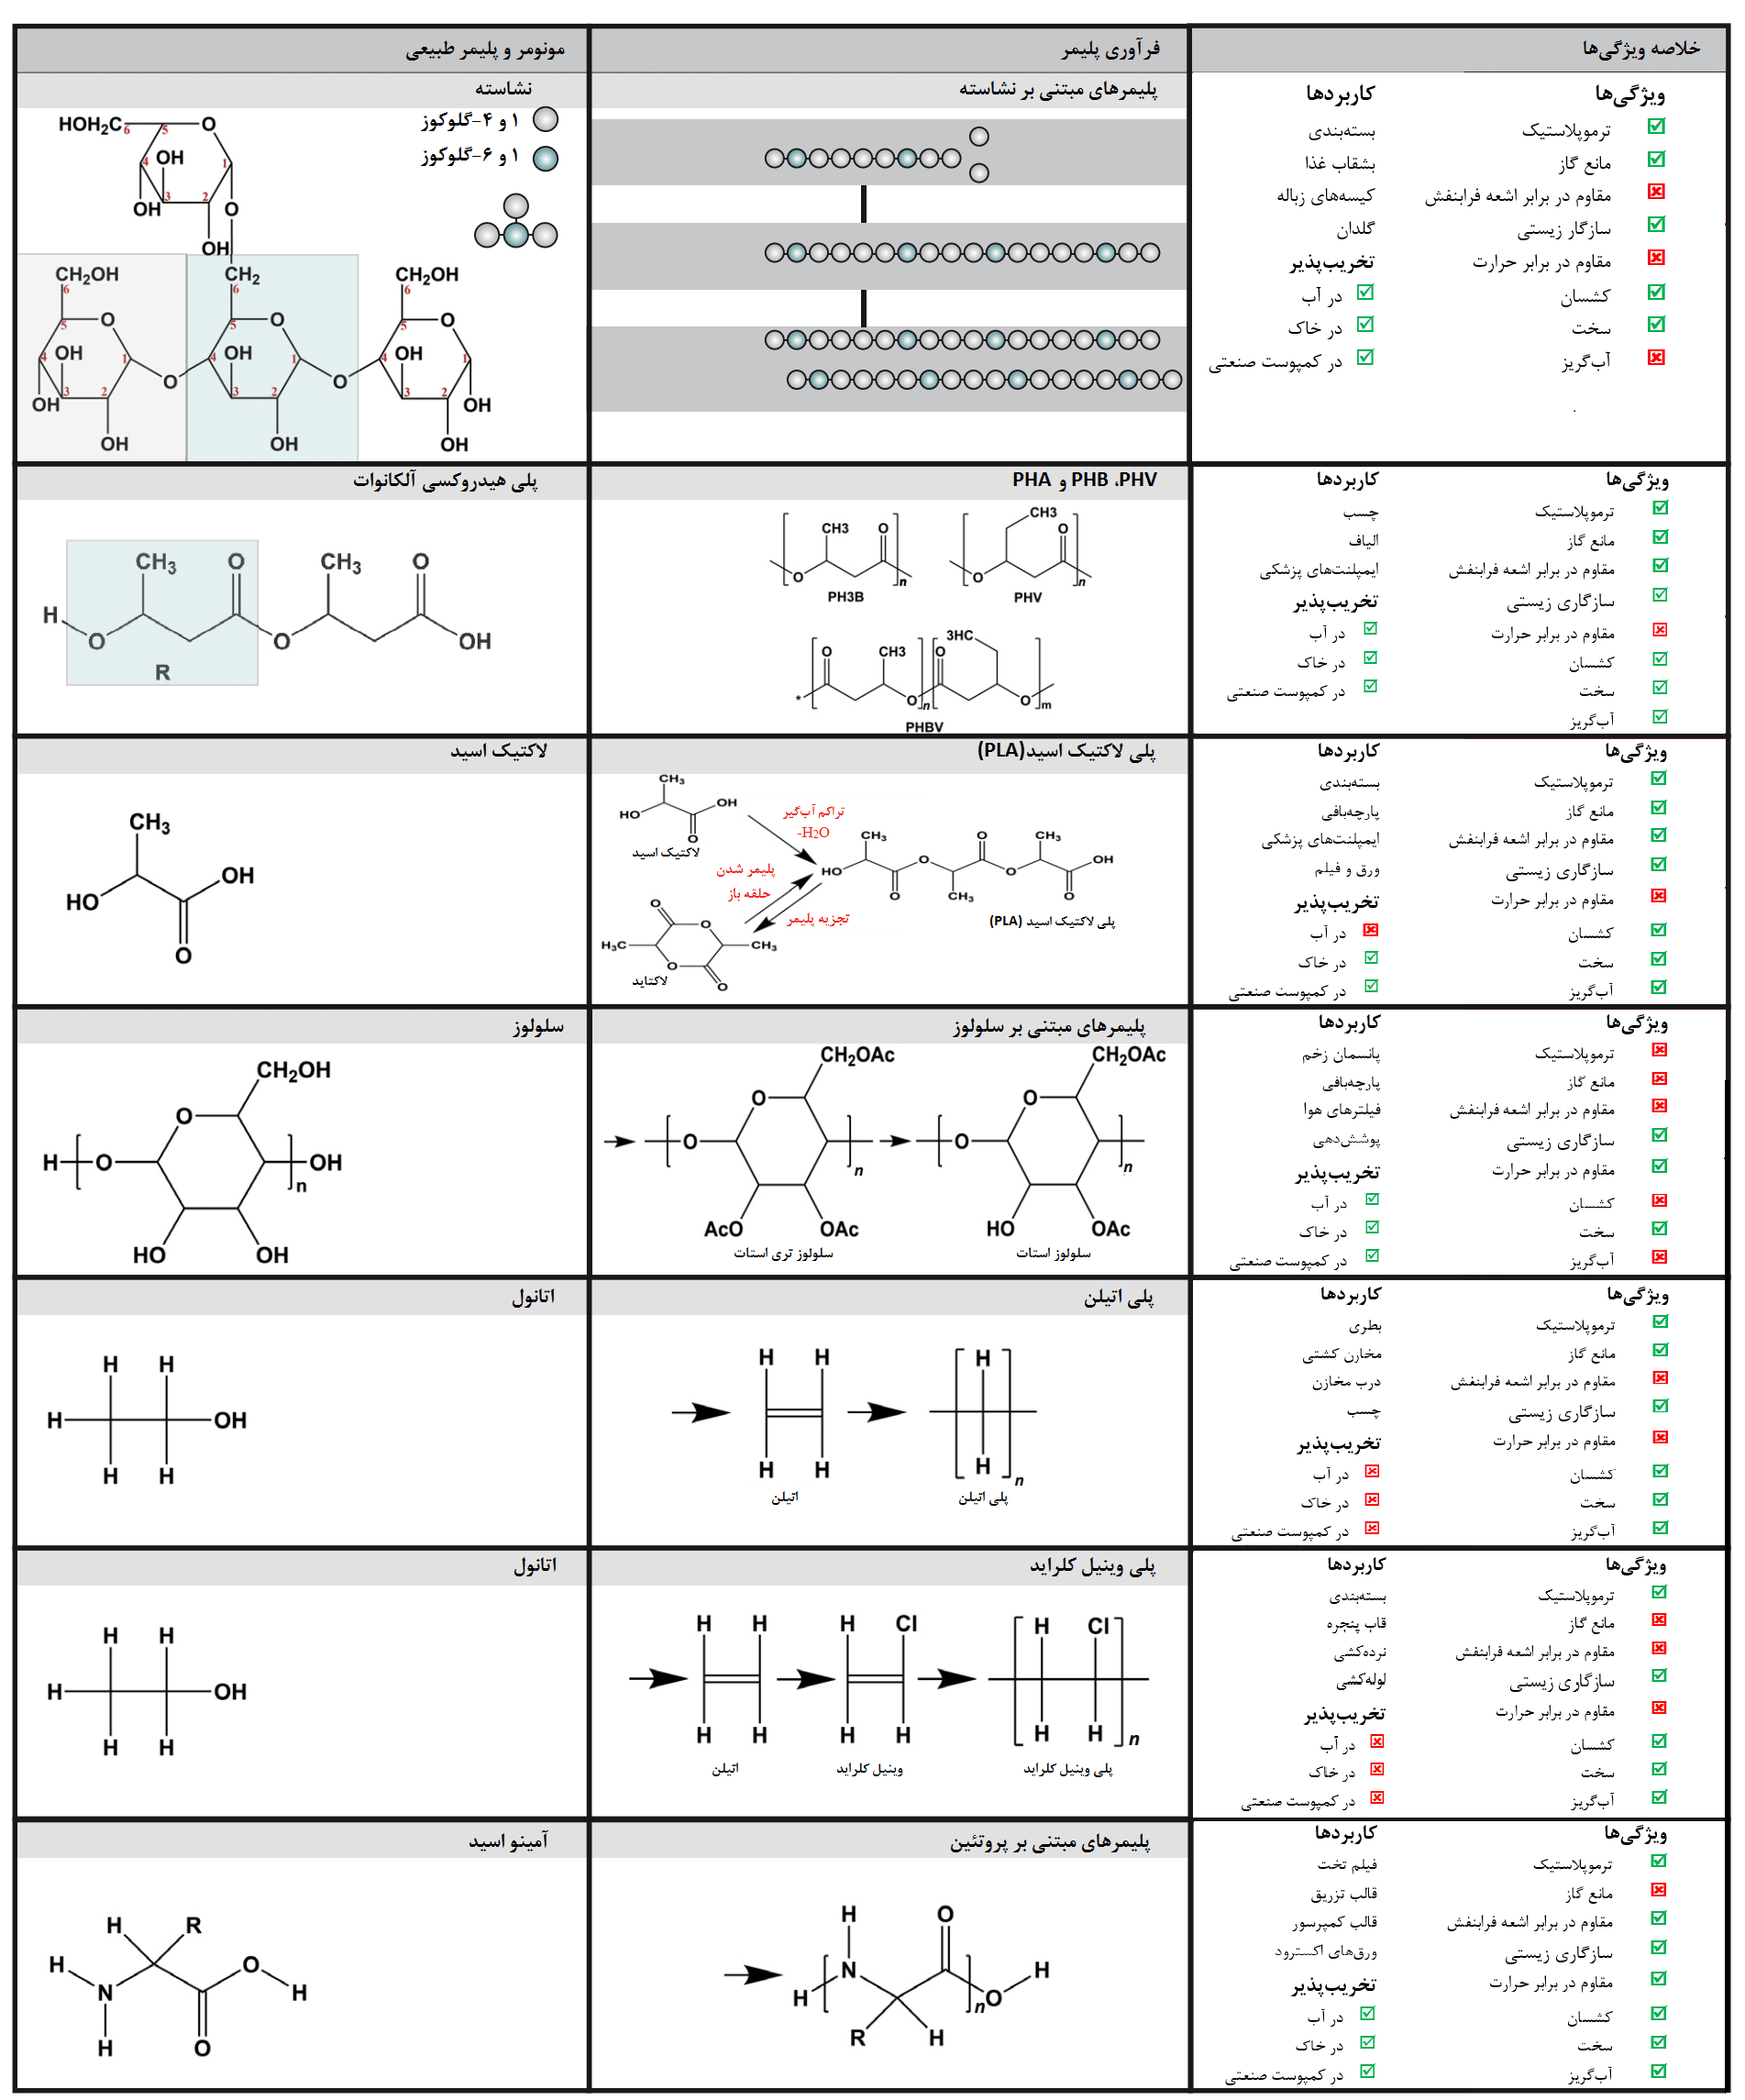 شکل 1- گروههای اصلی پلاستیکهای زیستی